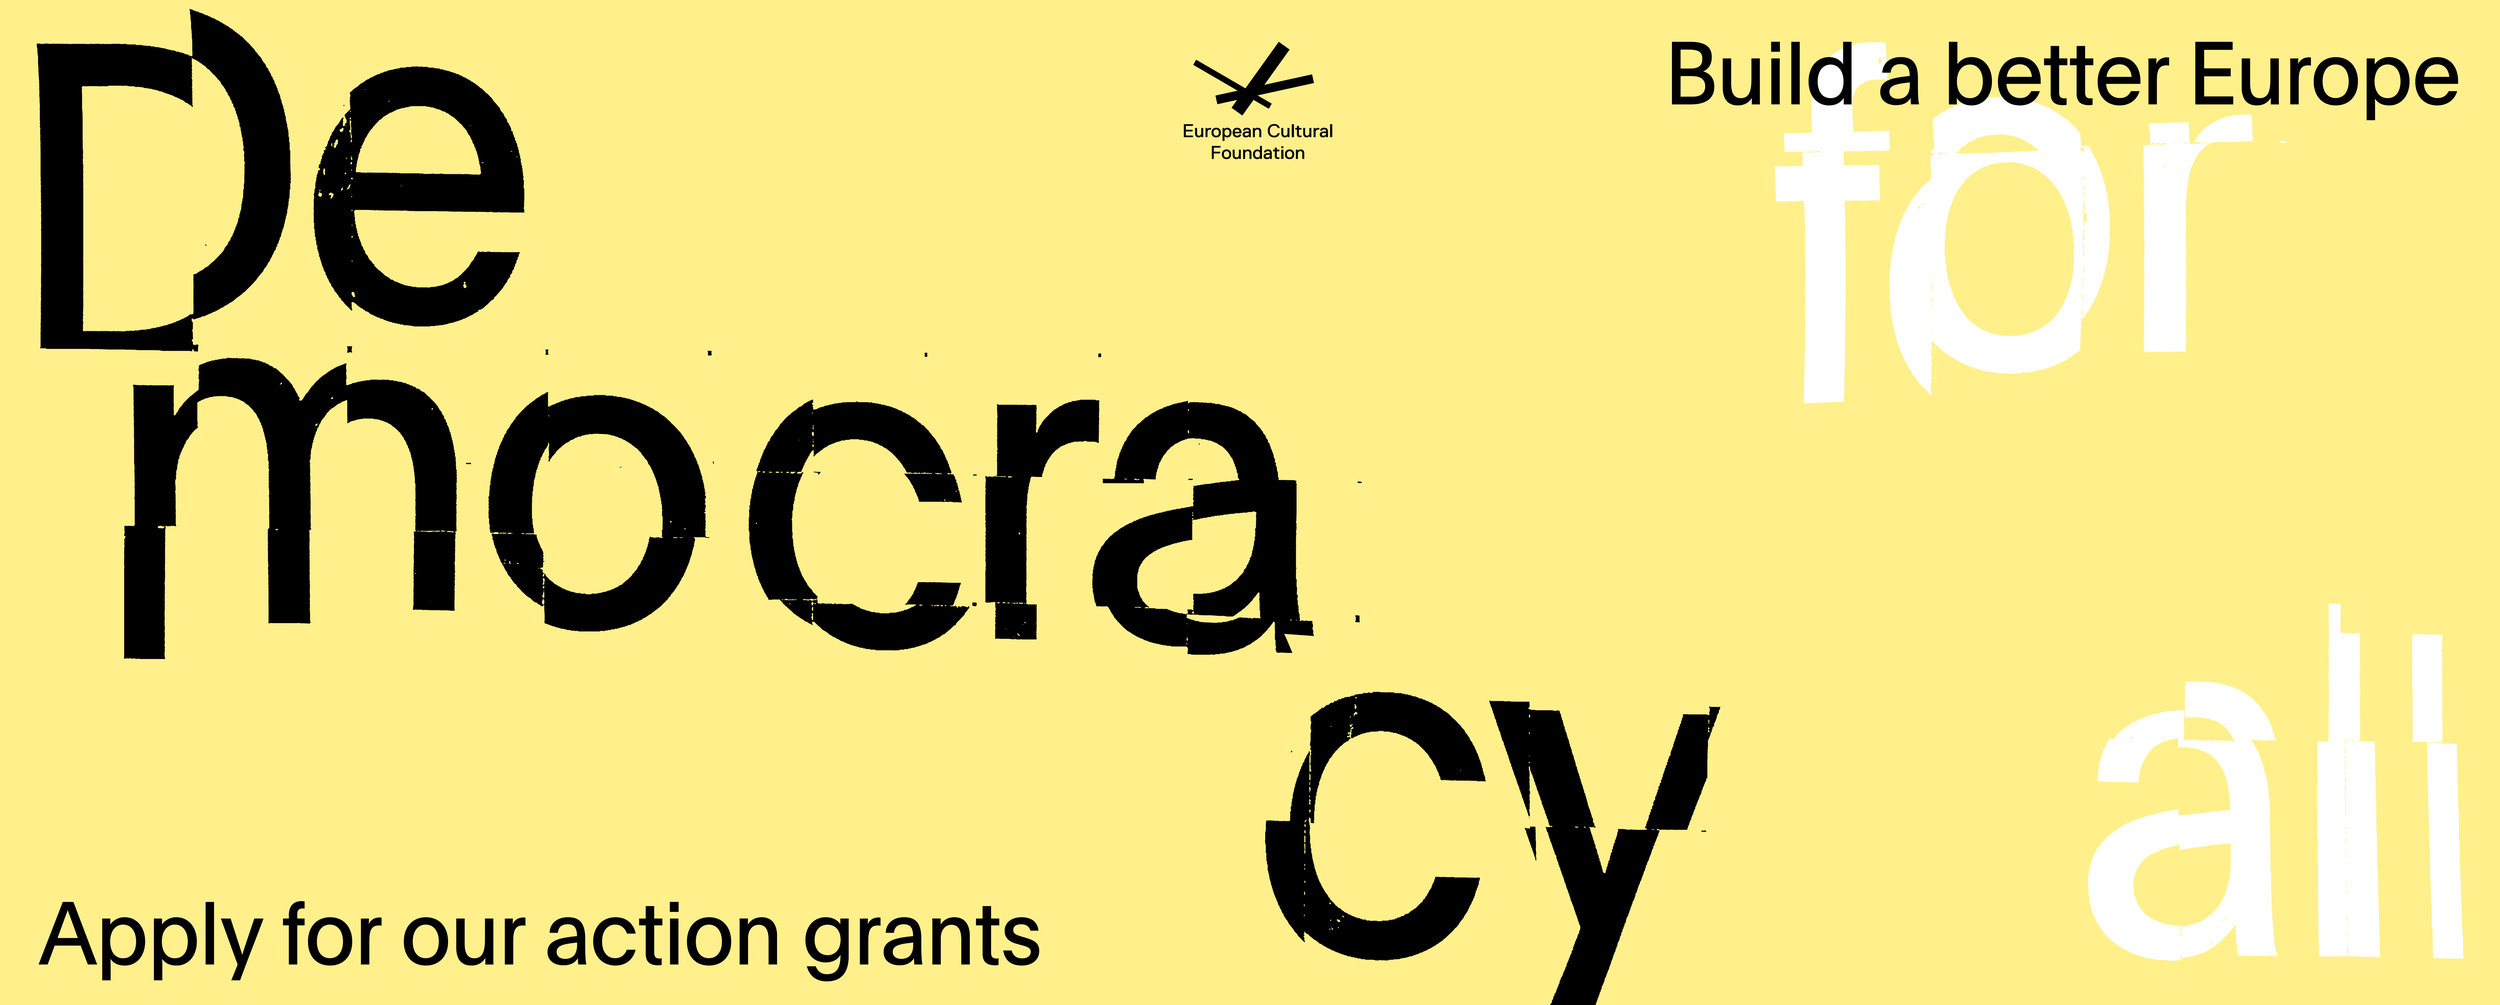 ARTW_European Cultural Foundation_Site_Democracy_F.jpg